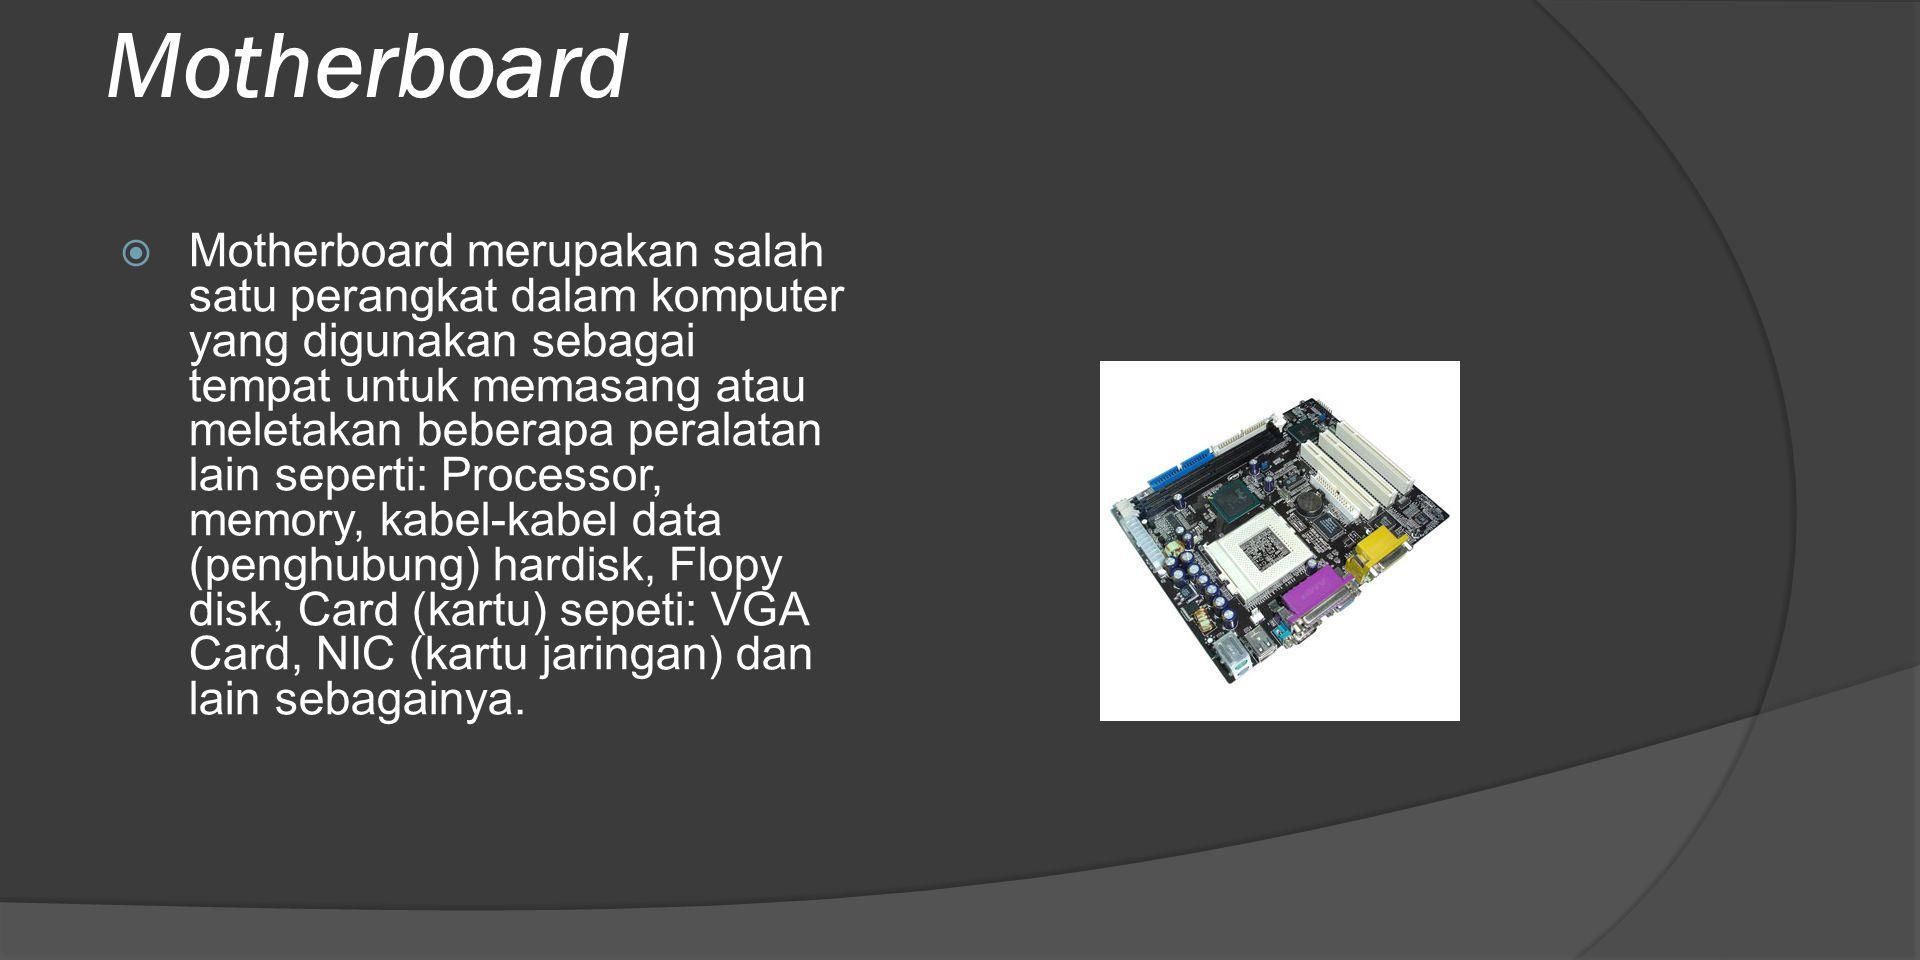 Motherboard  Motherboard merupakan salah satu perangkat dalam komputer yang digunakan sebagai tempat untuk memasang atau meletakan beberapa peralatan